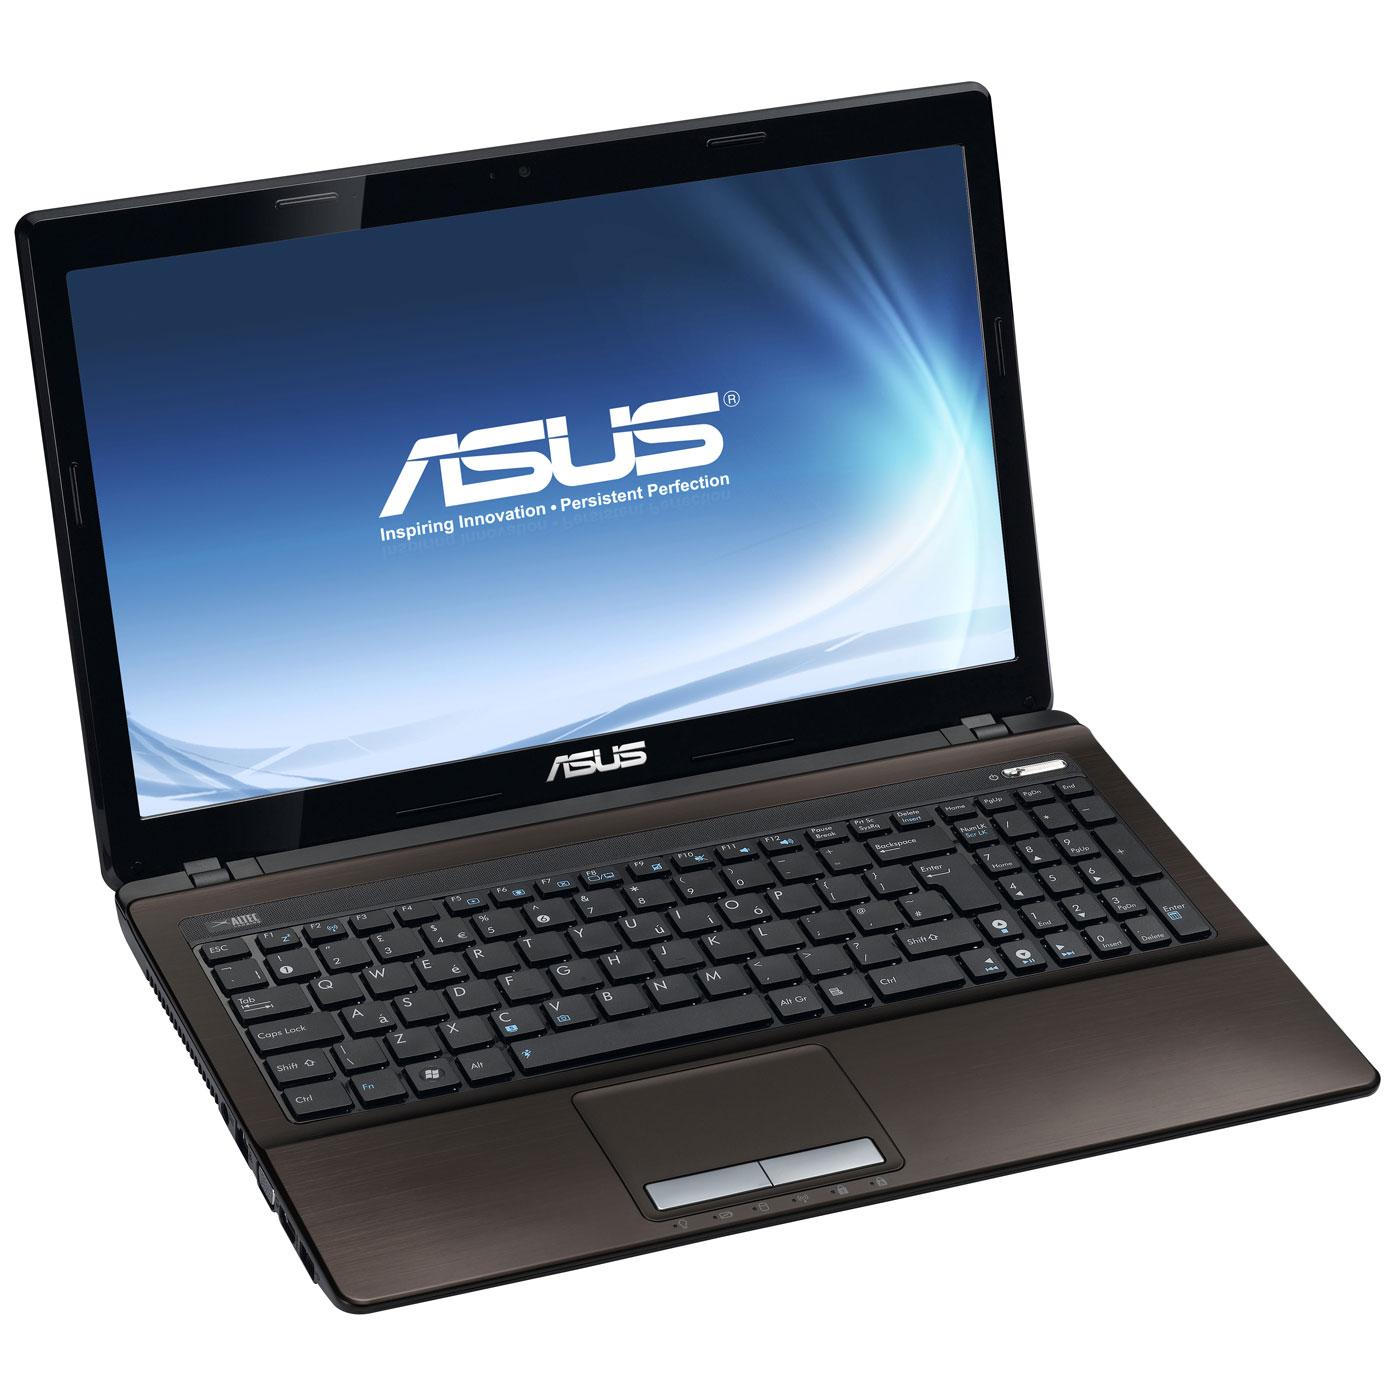 """PC portable ASUS K53SD-SX163V Marron Intel Core i5-2450M 4 Go 750 Go 15.6"""" LED NVIDIA GeForce GT 610M Graveur DVD Wi-Fi N/Bluetooth Webcam Windows 7 Premium 64 bits (garantie constructeur 2 ans)"""